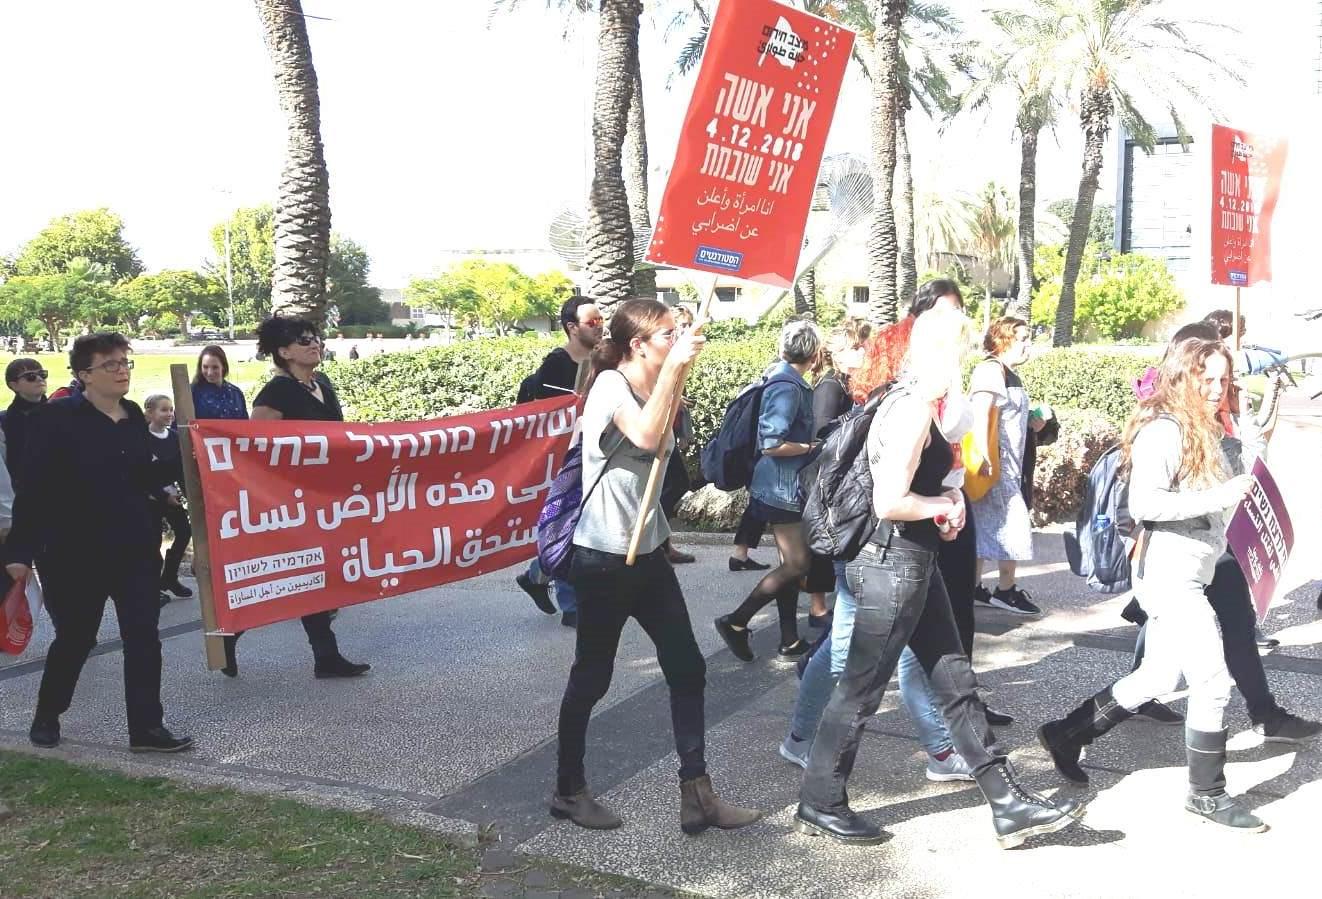 הפגנה נגד רצח נשים בקמפוס אוניברסיטת תל-אביב